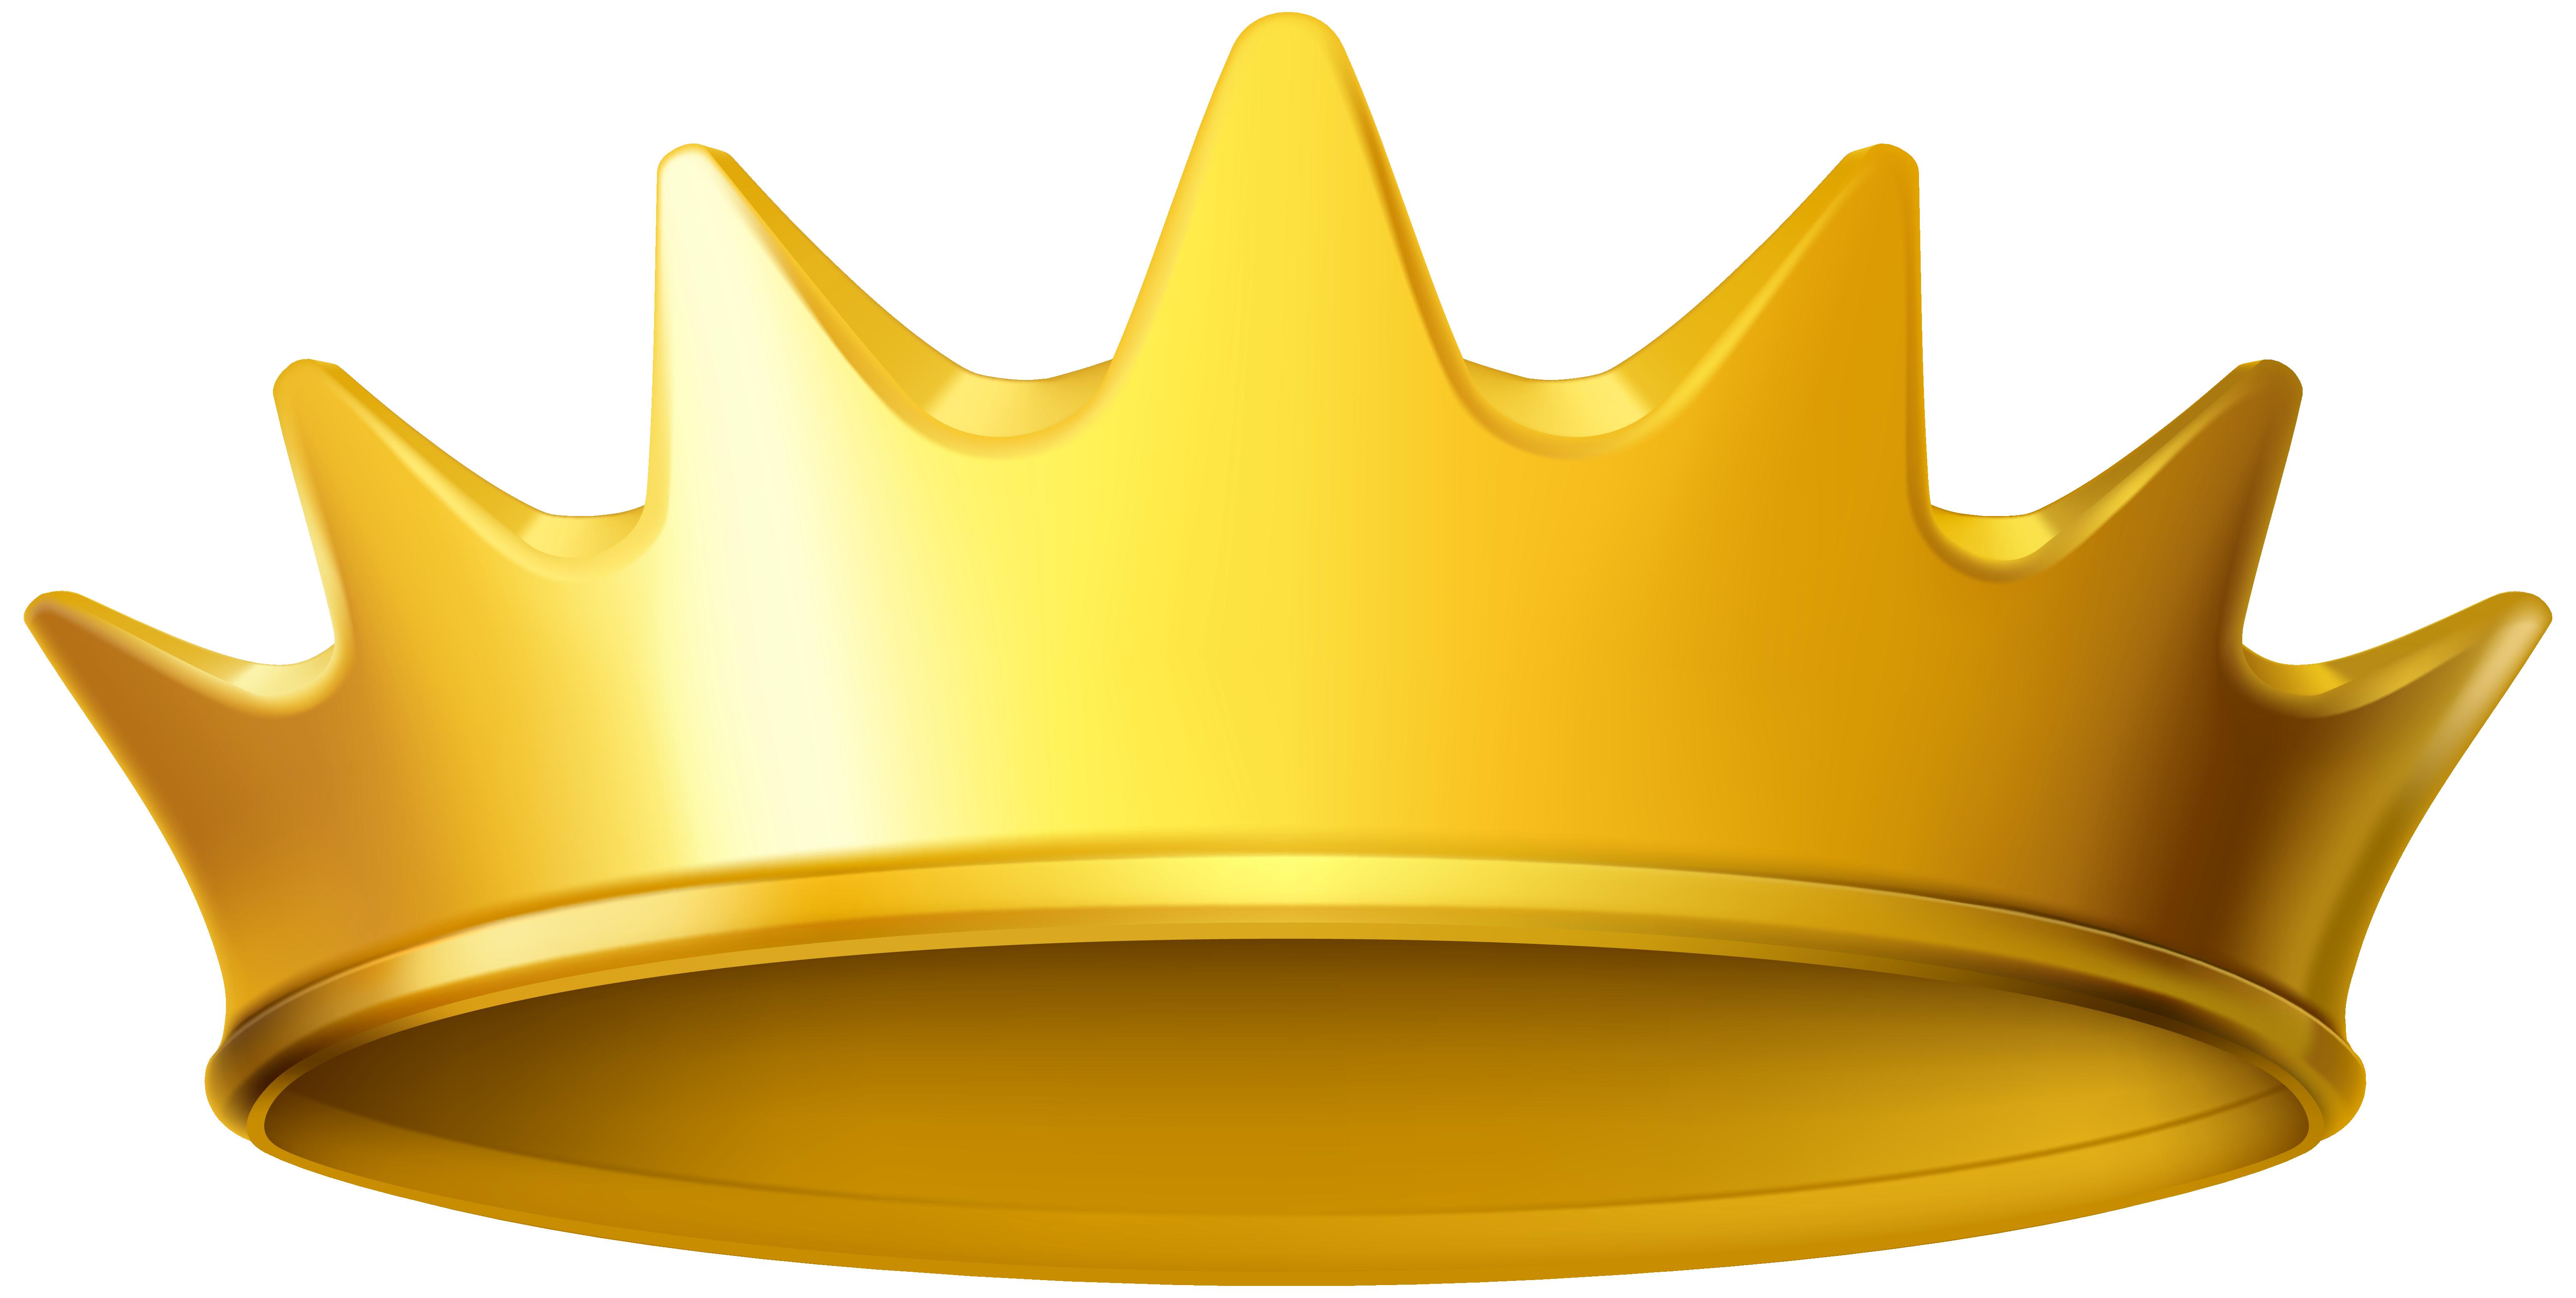 Crown clip art. Golden clipart png image